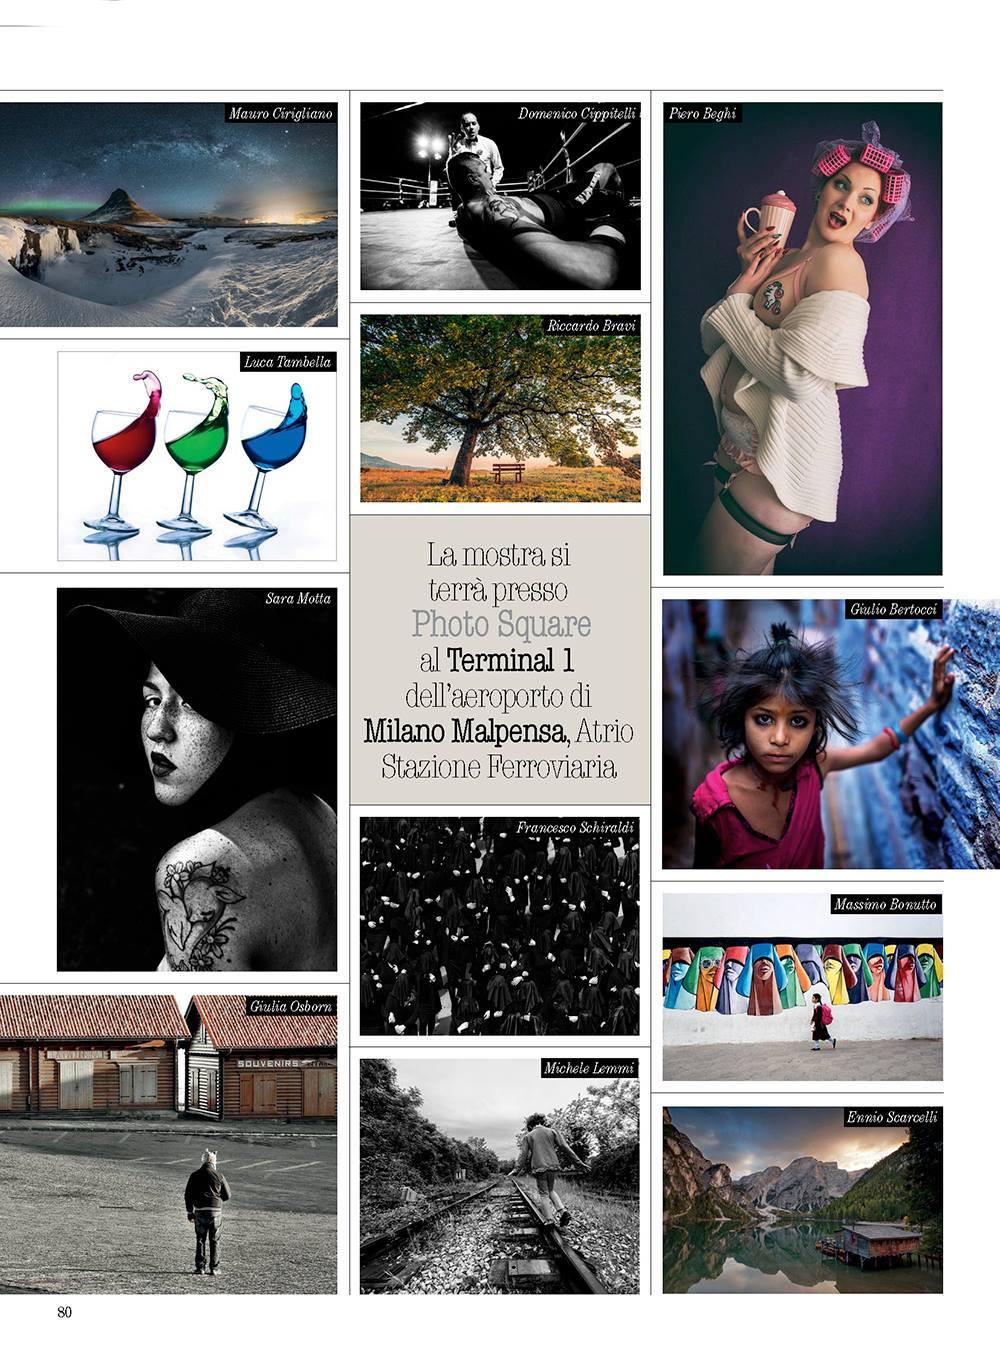 """Photo Challenge 2018 - La foto """"movimenti RGB"""" prossimamente in mostra al Photo Square, uno spazio espositivo all'interno dell'aeroporto internazionale di Milano Malpensa"""